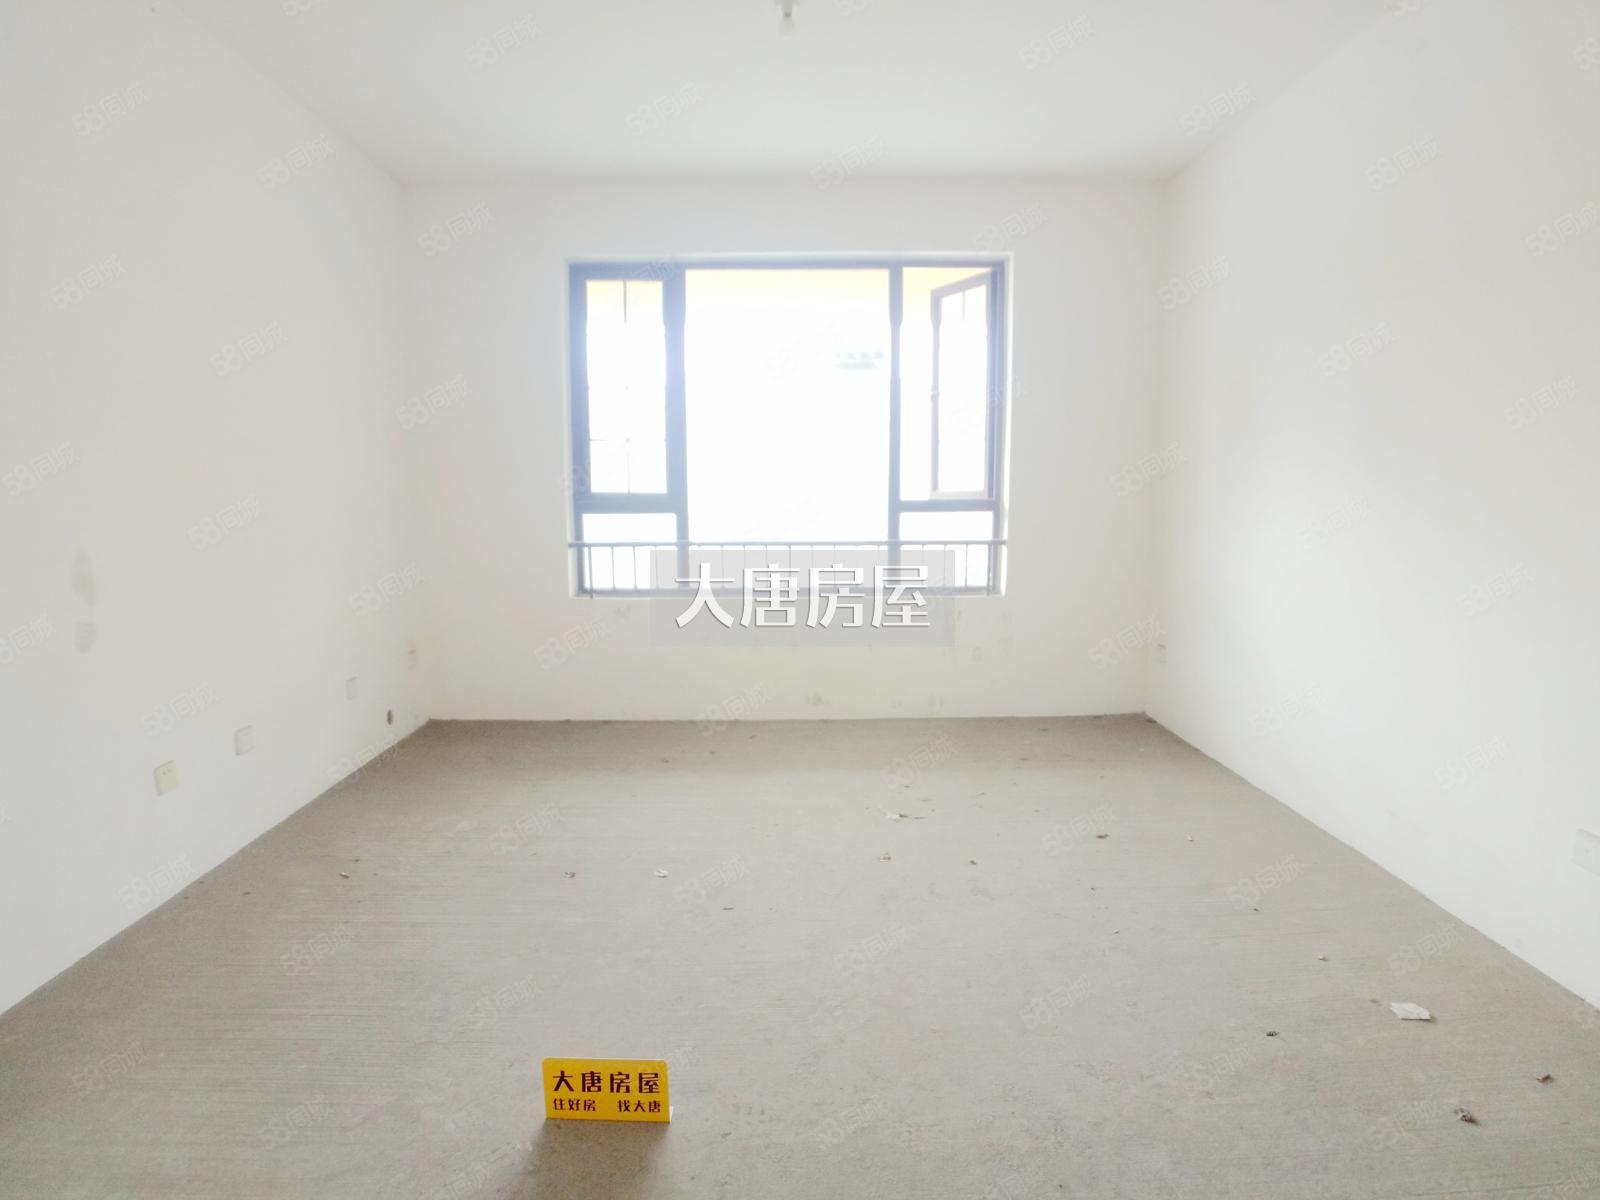 西班牙森林?#40644;?#30005;梯洋房中间楼层清水给您装修的空间